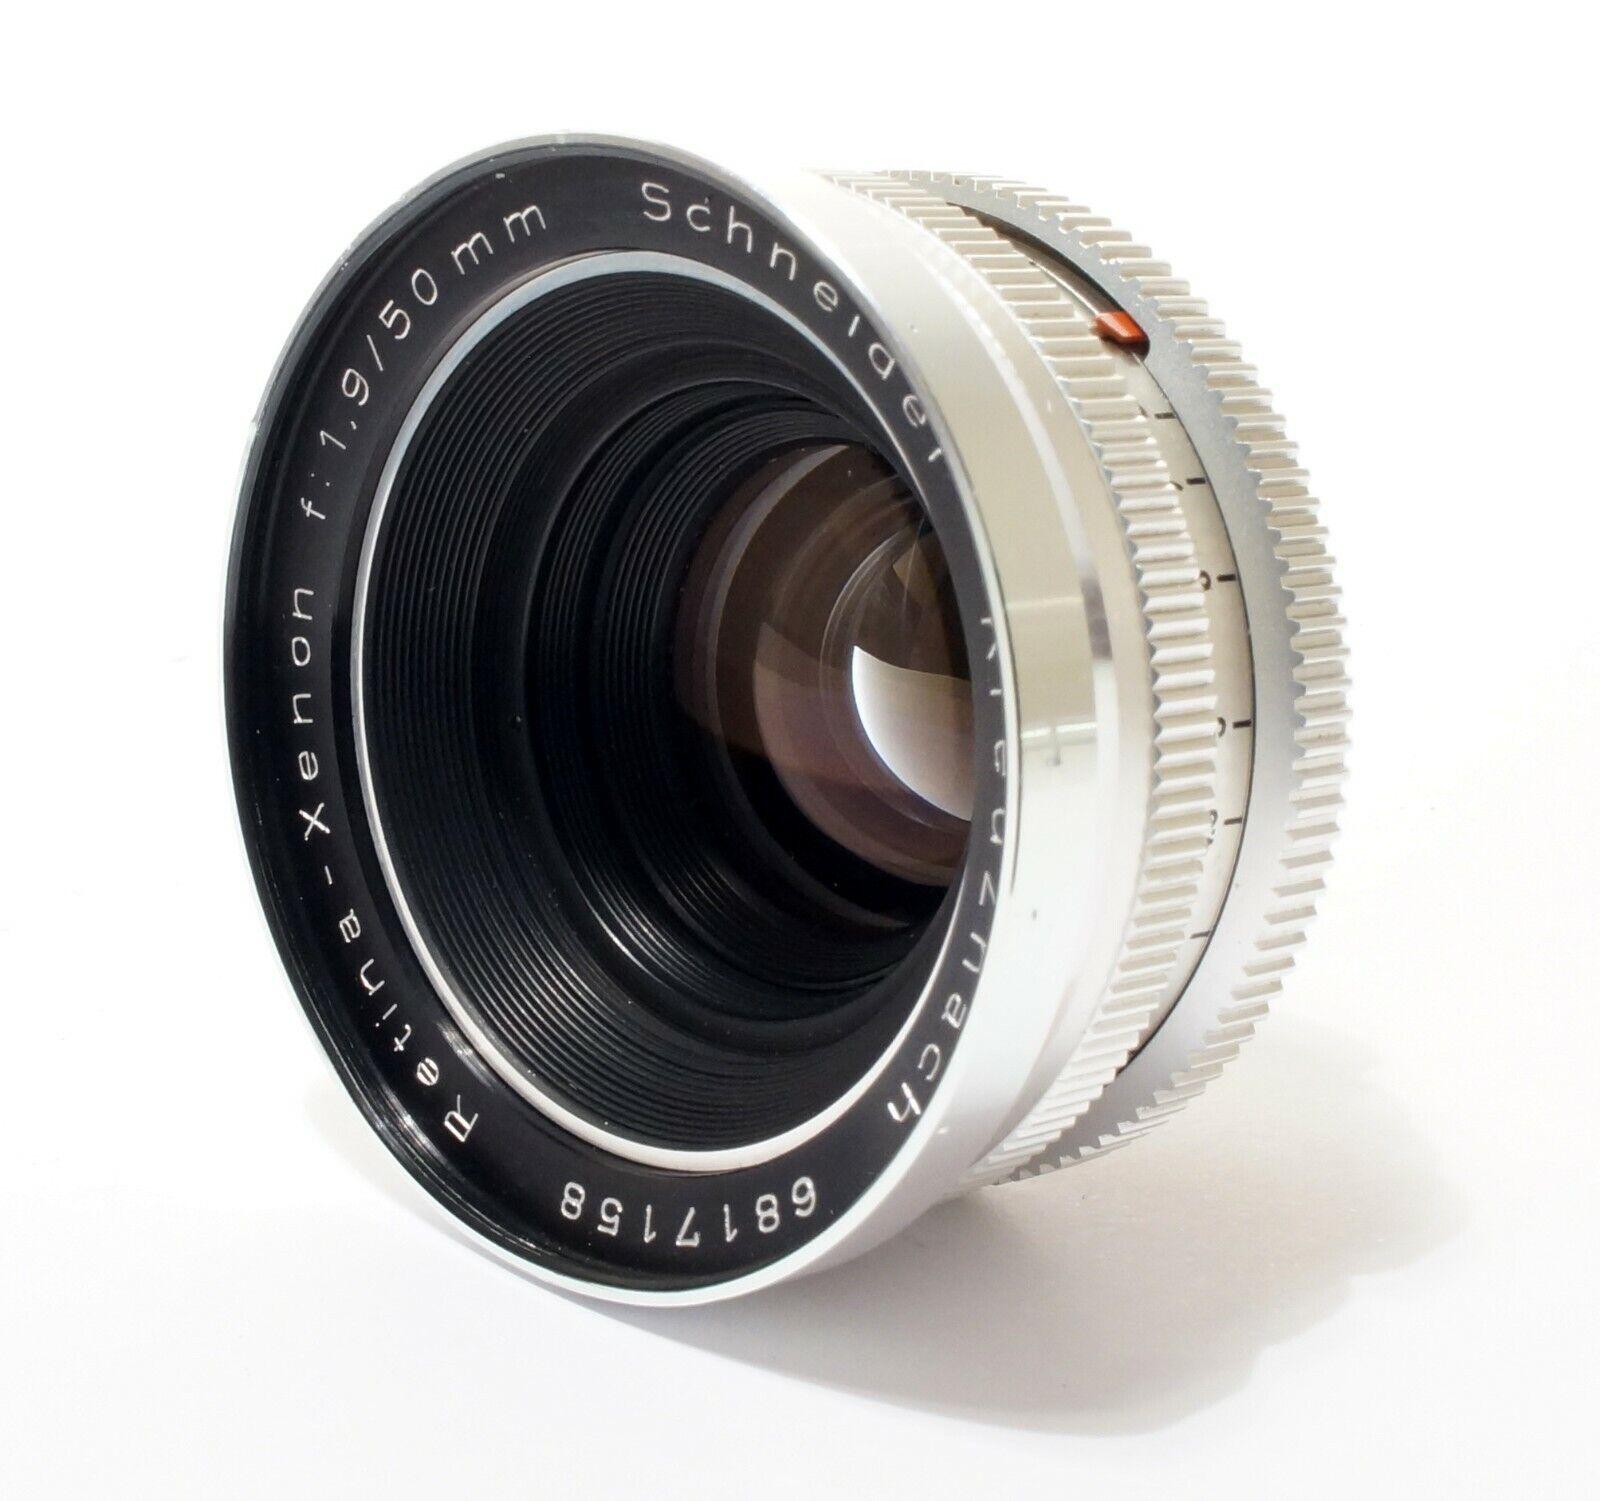 Image 1 - Schneider Kreuznach Retina Xenon F1.9/50mm - DKL Mount - Optics Superb.